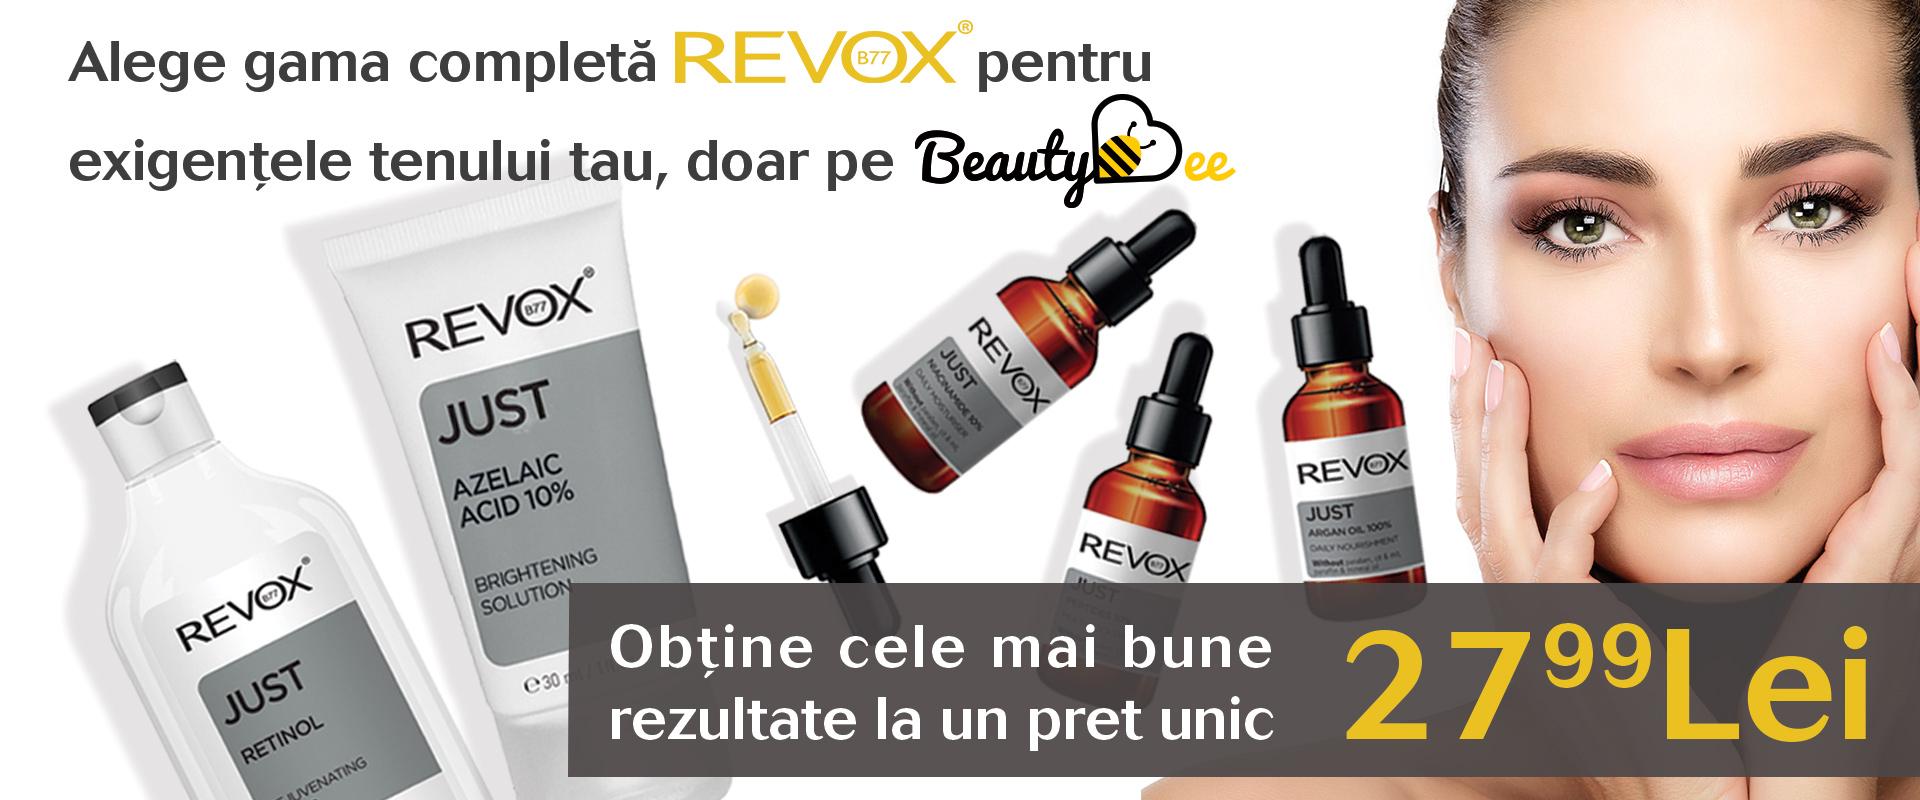 Vezi toate produsele brandului REVOX